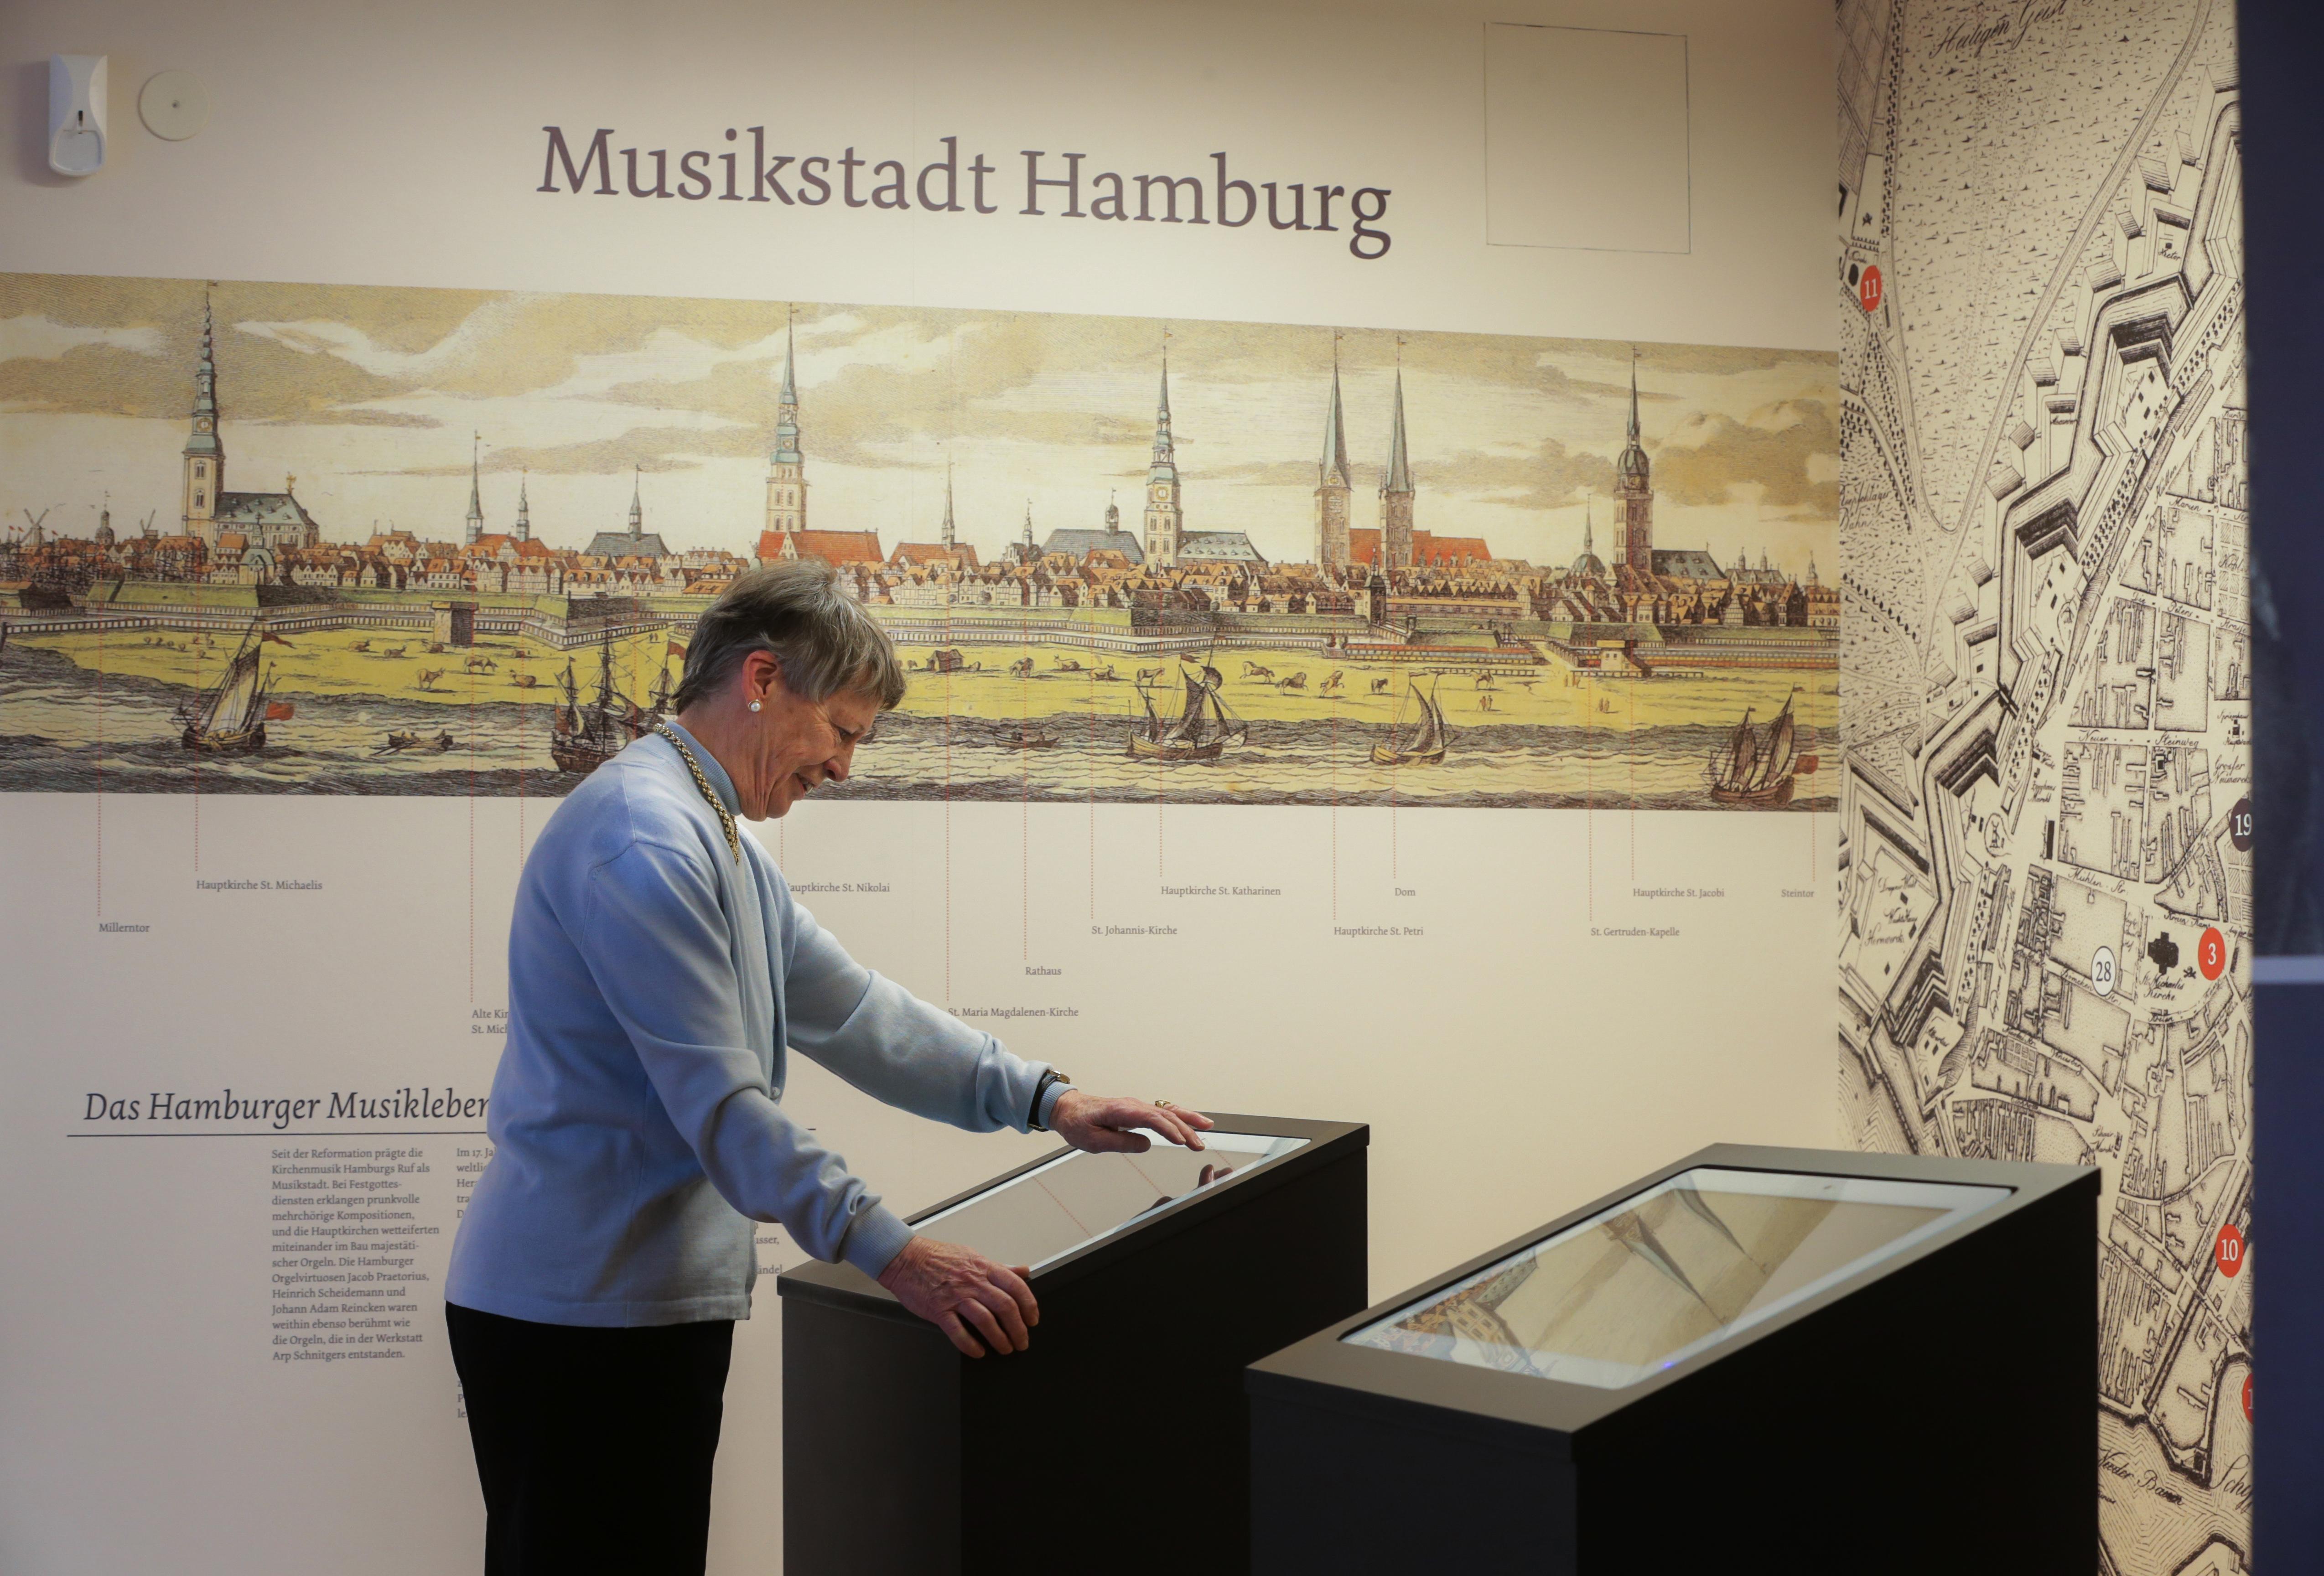 Medienstation im KomponistenQuartier Hamburg